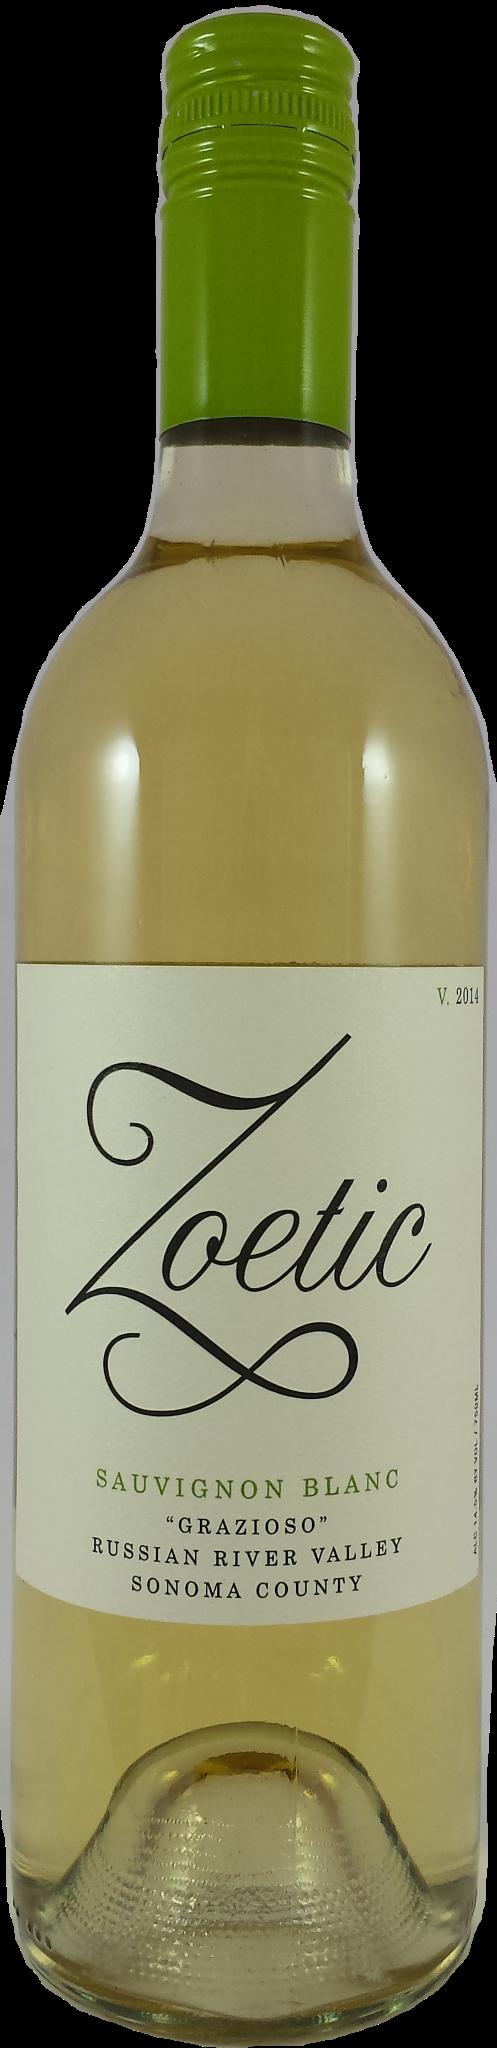 zoetic-14sb-bottle1-1-1-1